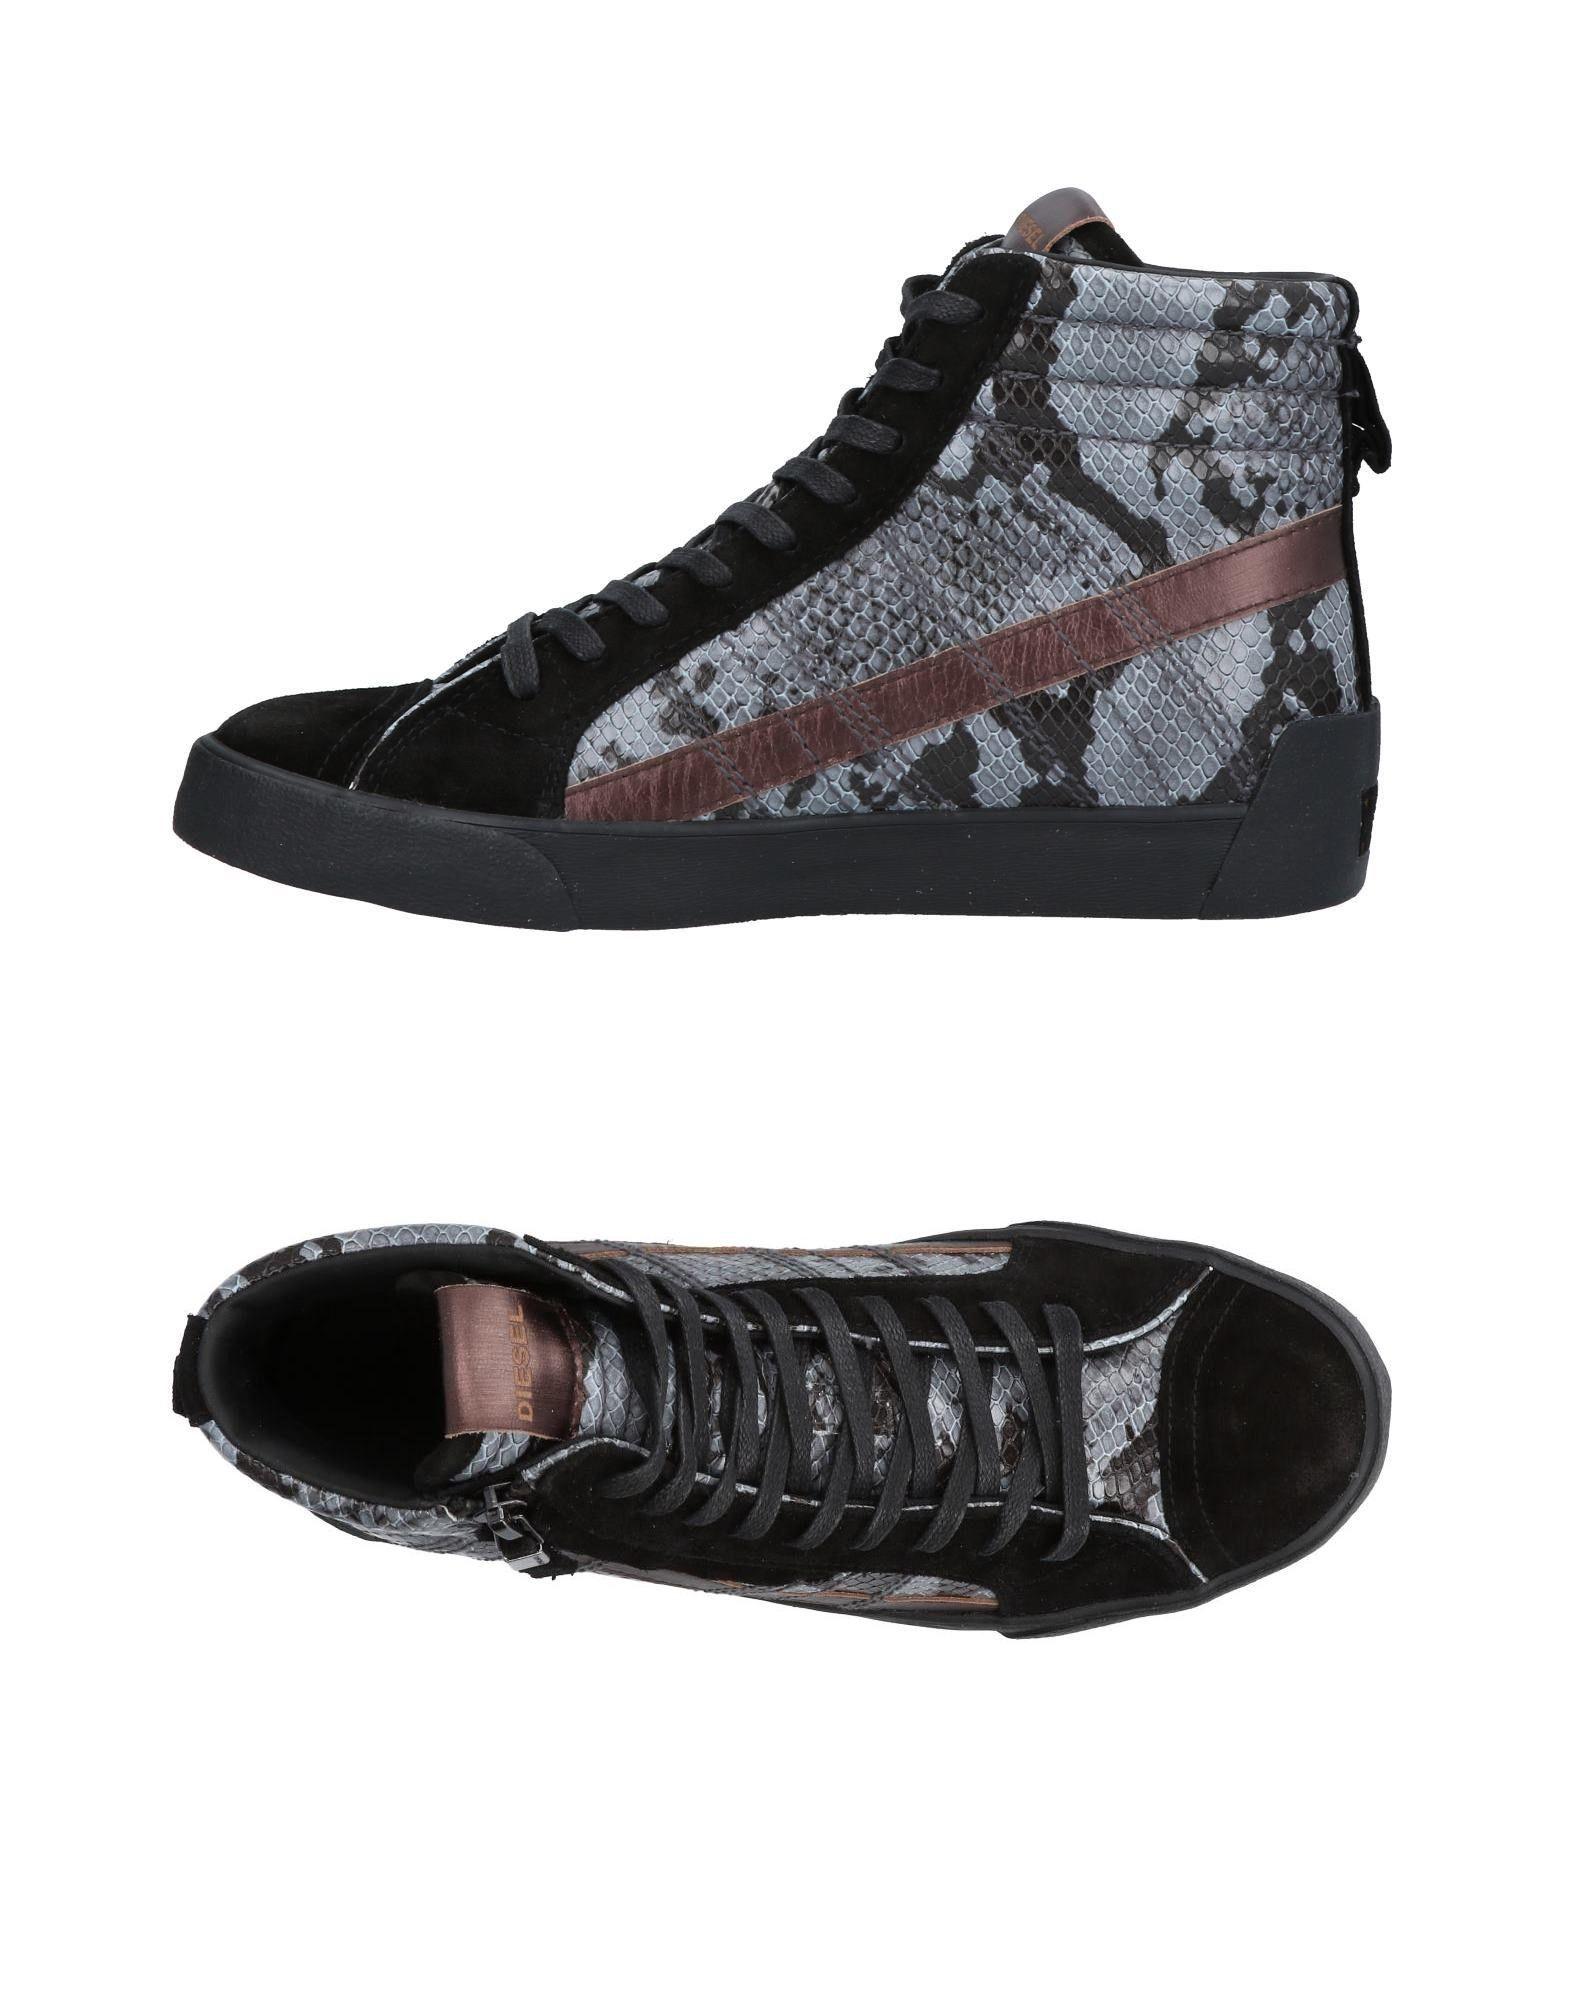 Diesel Diesel Diesel Sneakers Damen  11423699GX Gute Qualität beliebte Schuhe 0f45da